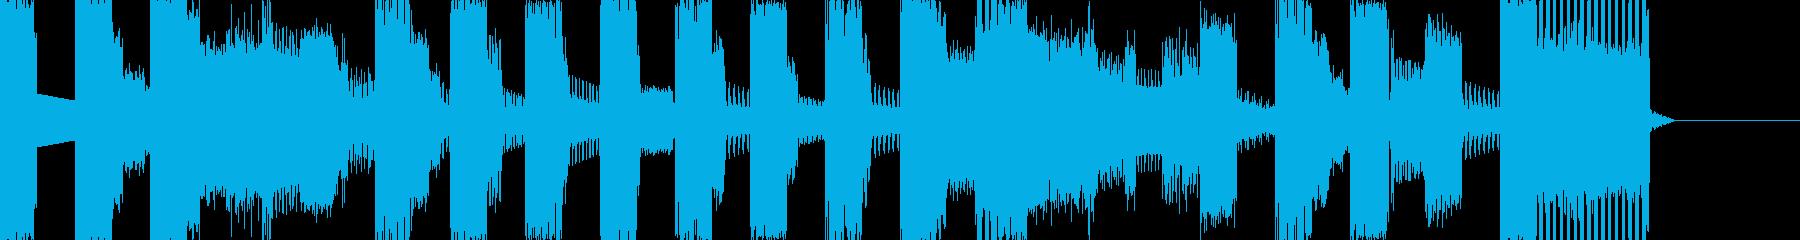 ゲーム風サウンドのジングルの再生済みの波形